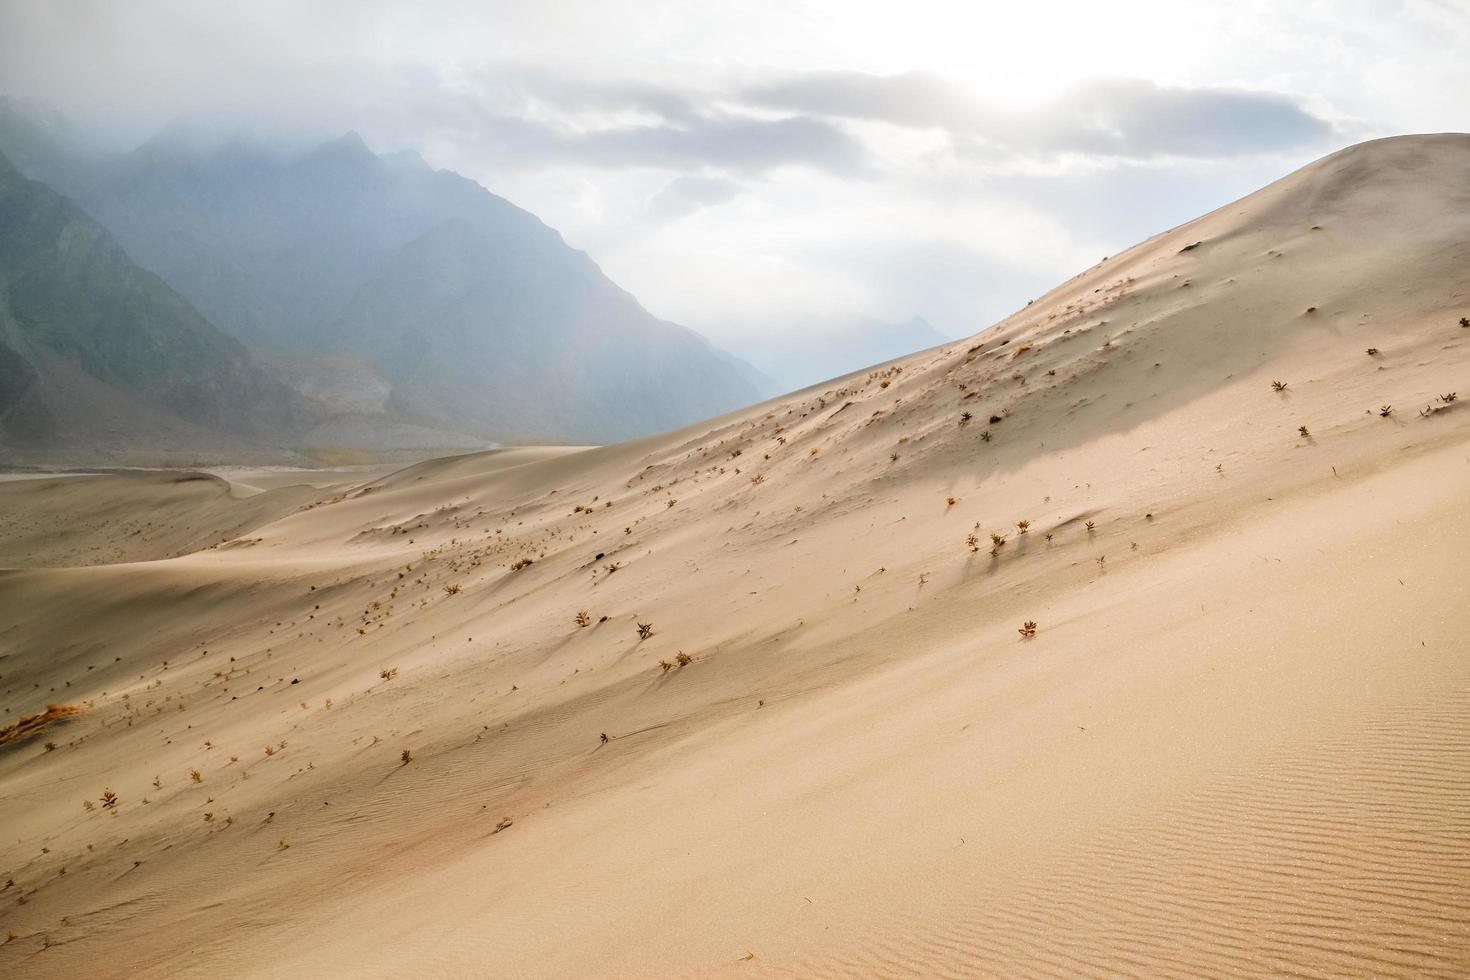 dune di sabbia del freddo deserto tra le montagne foto